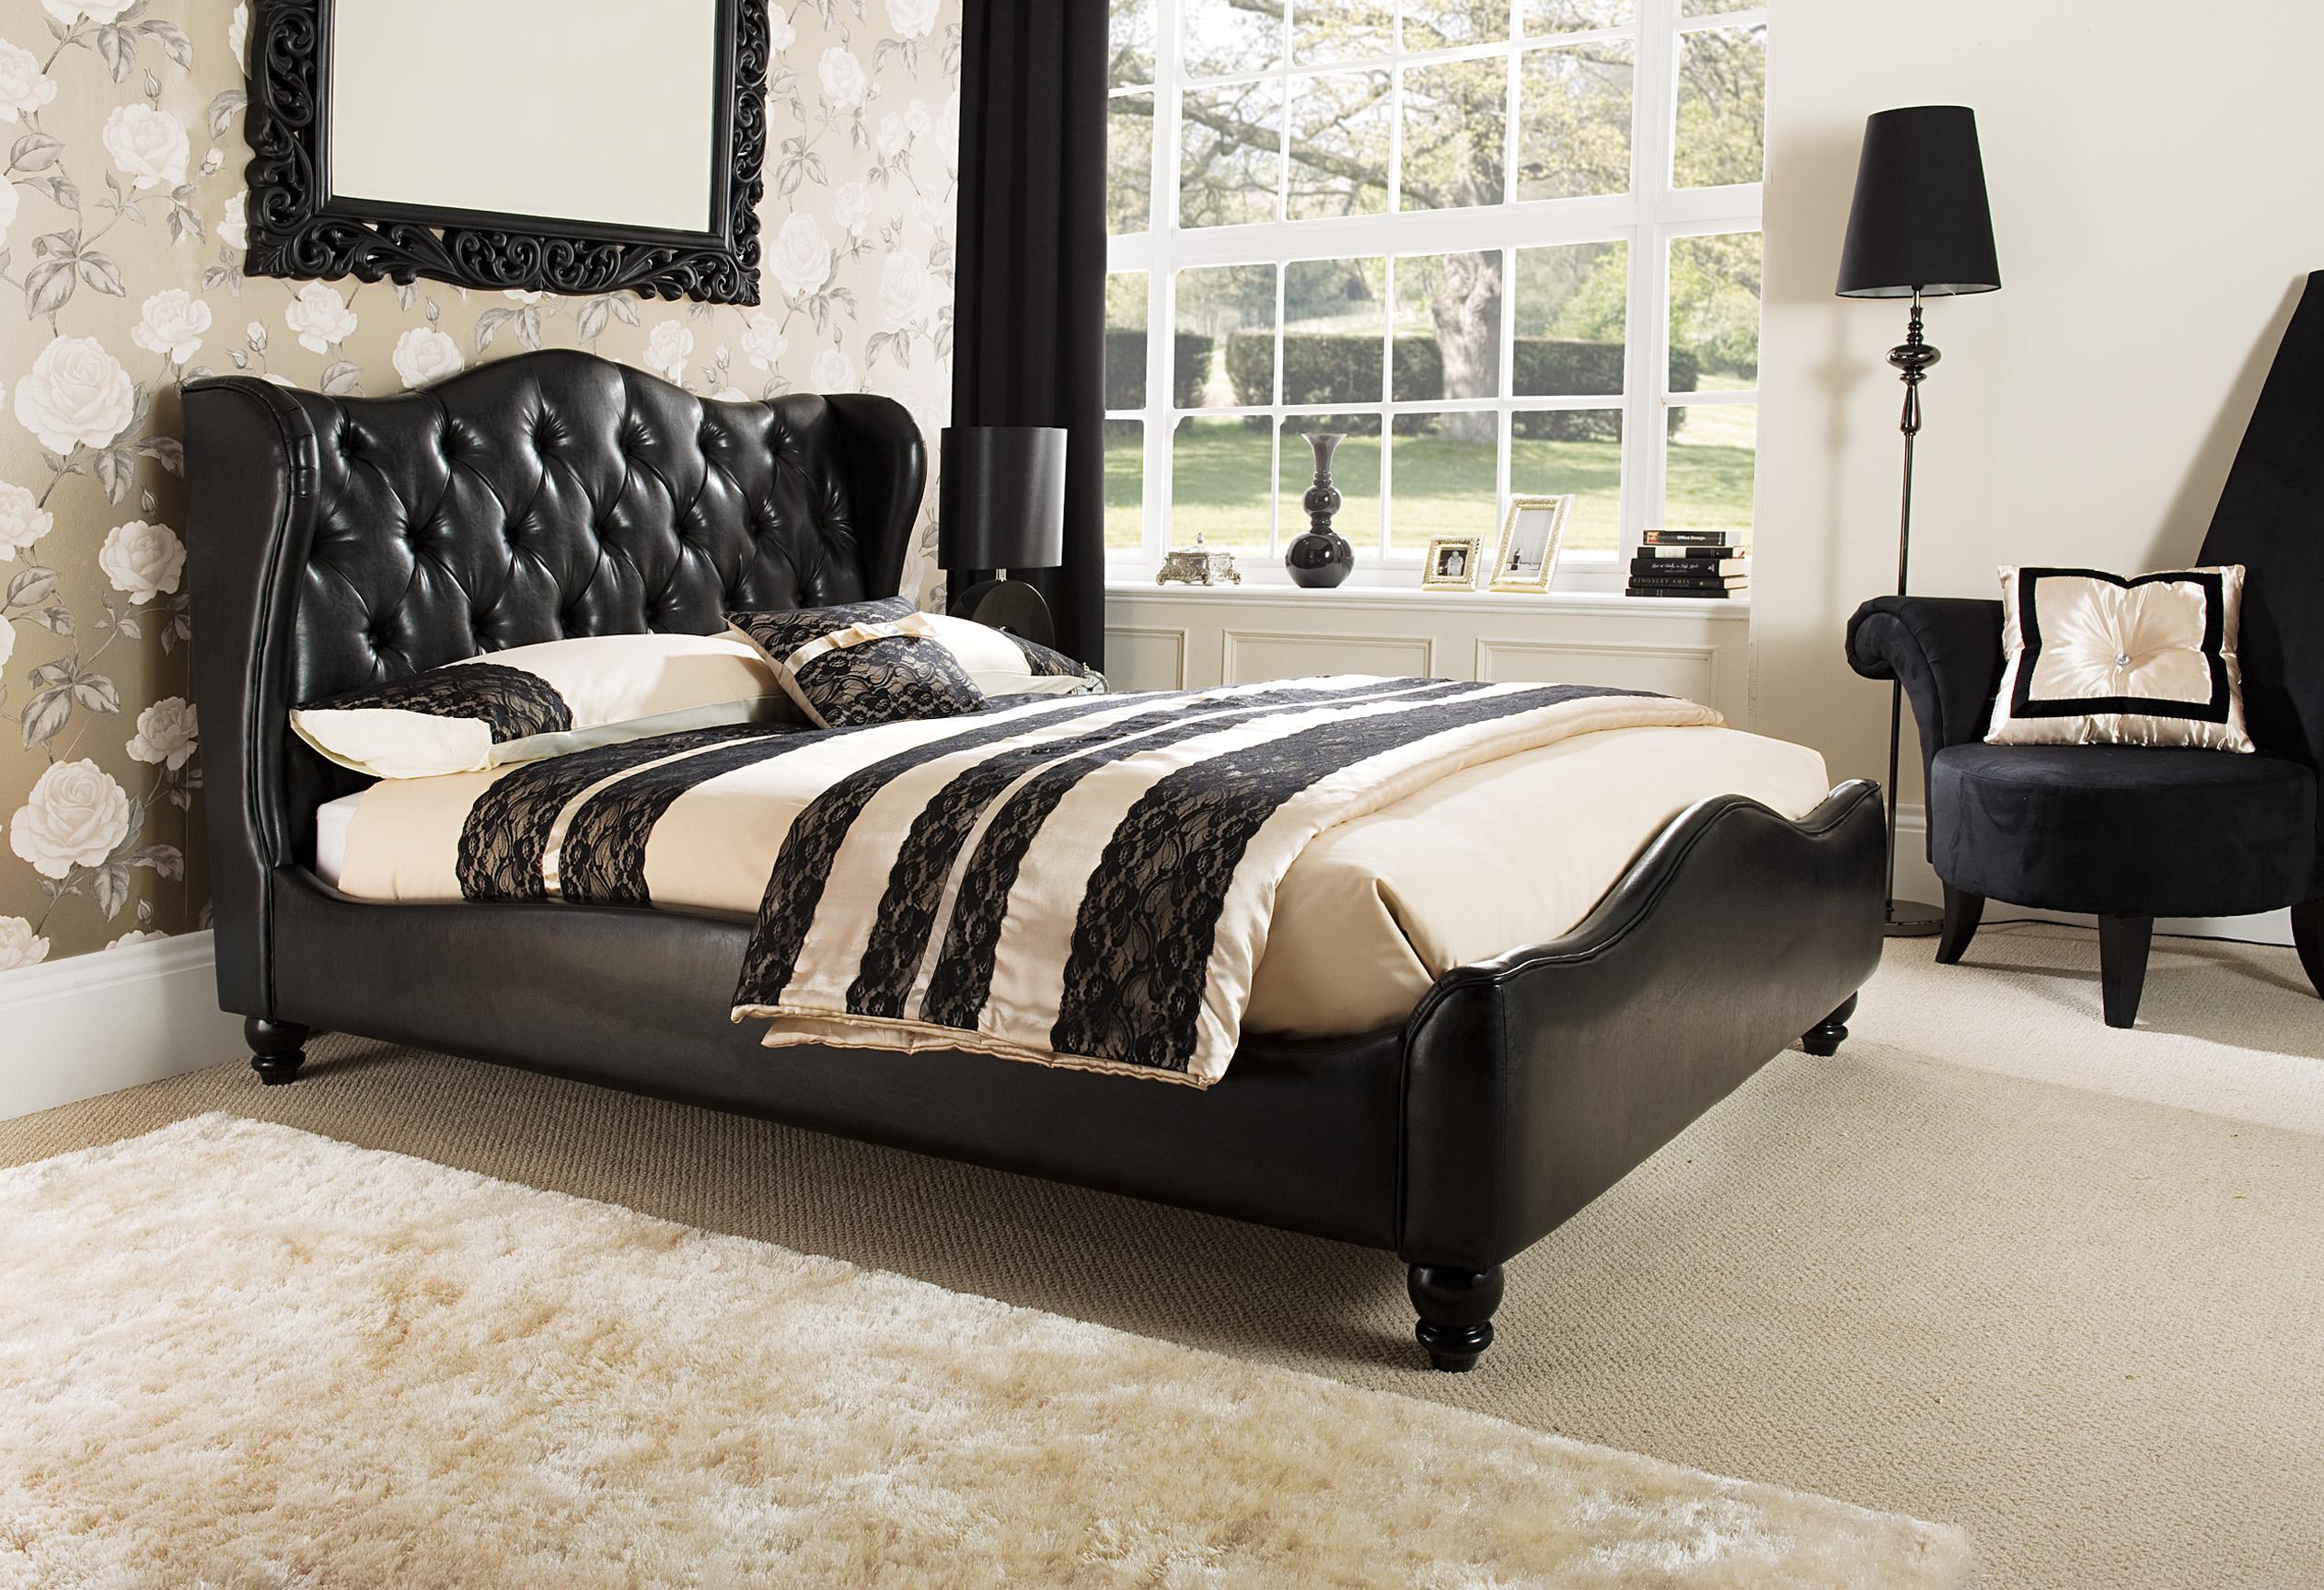 403 forbidden - Queen bed in small bedroom ...